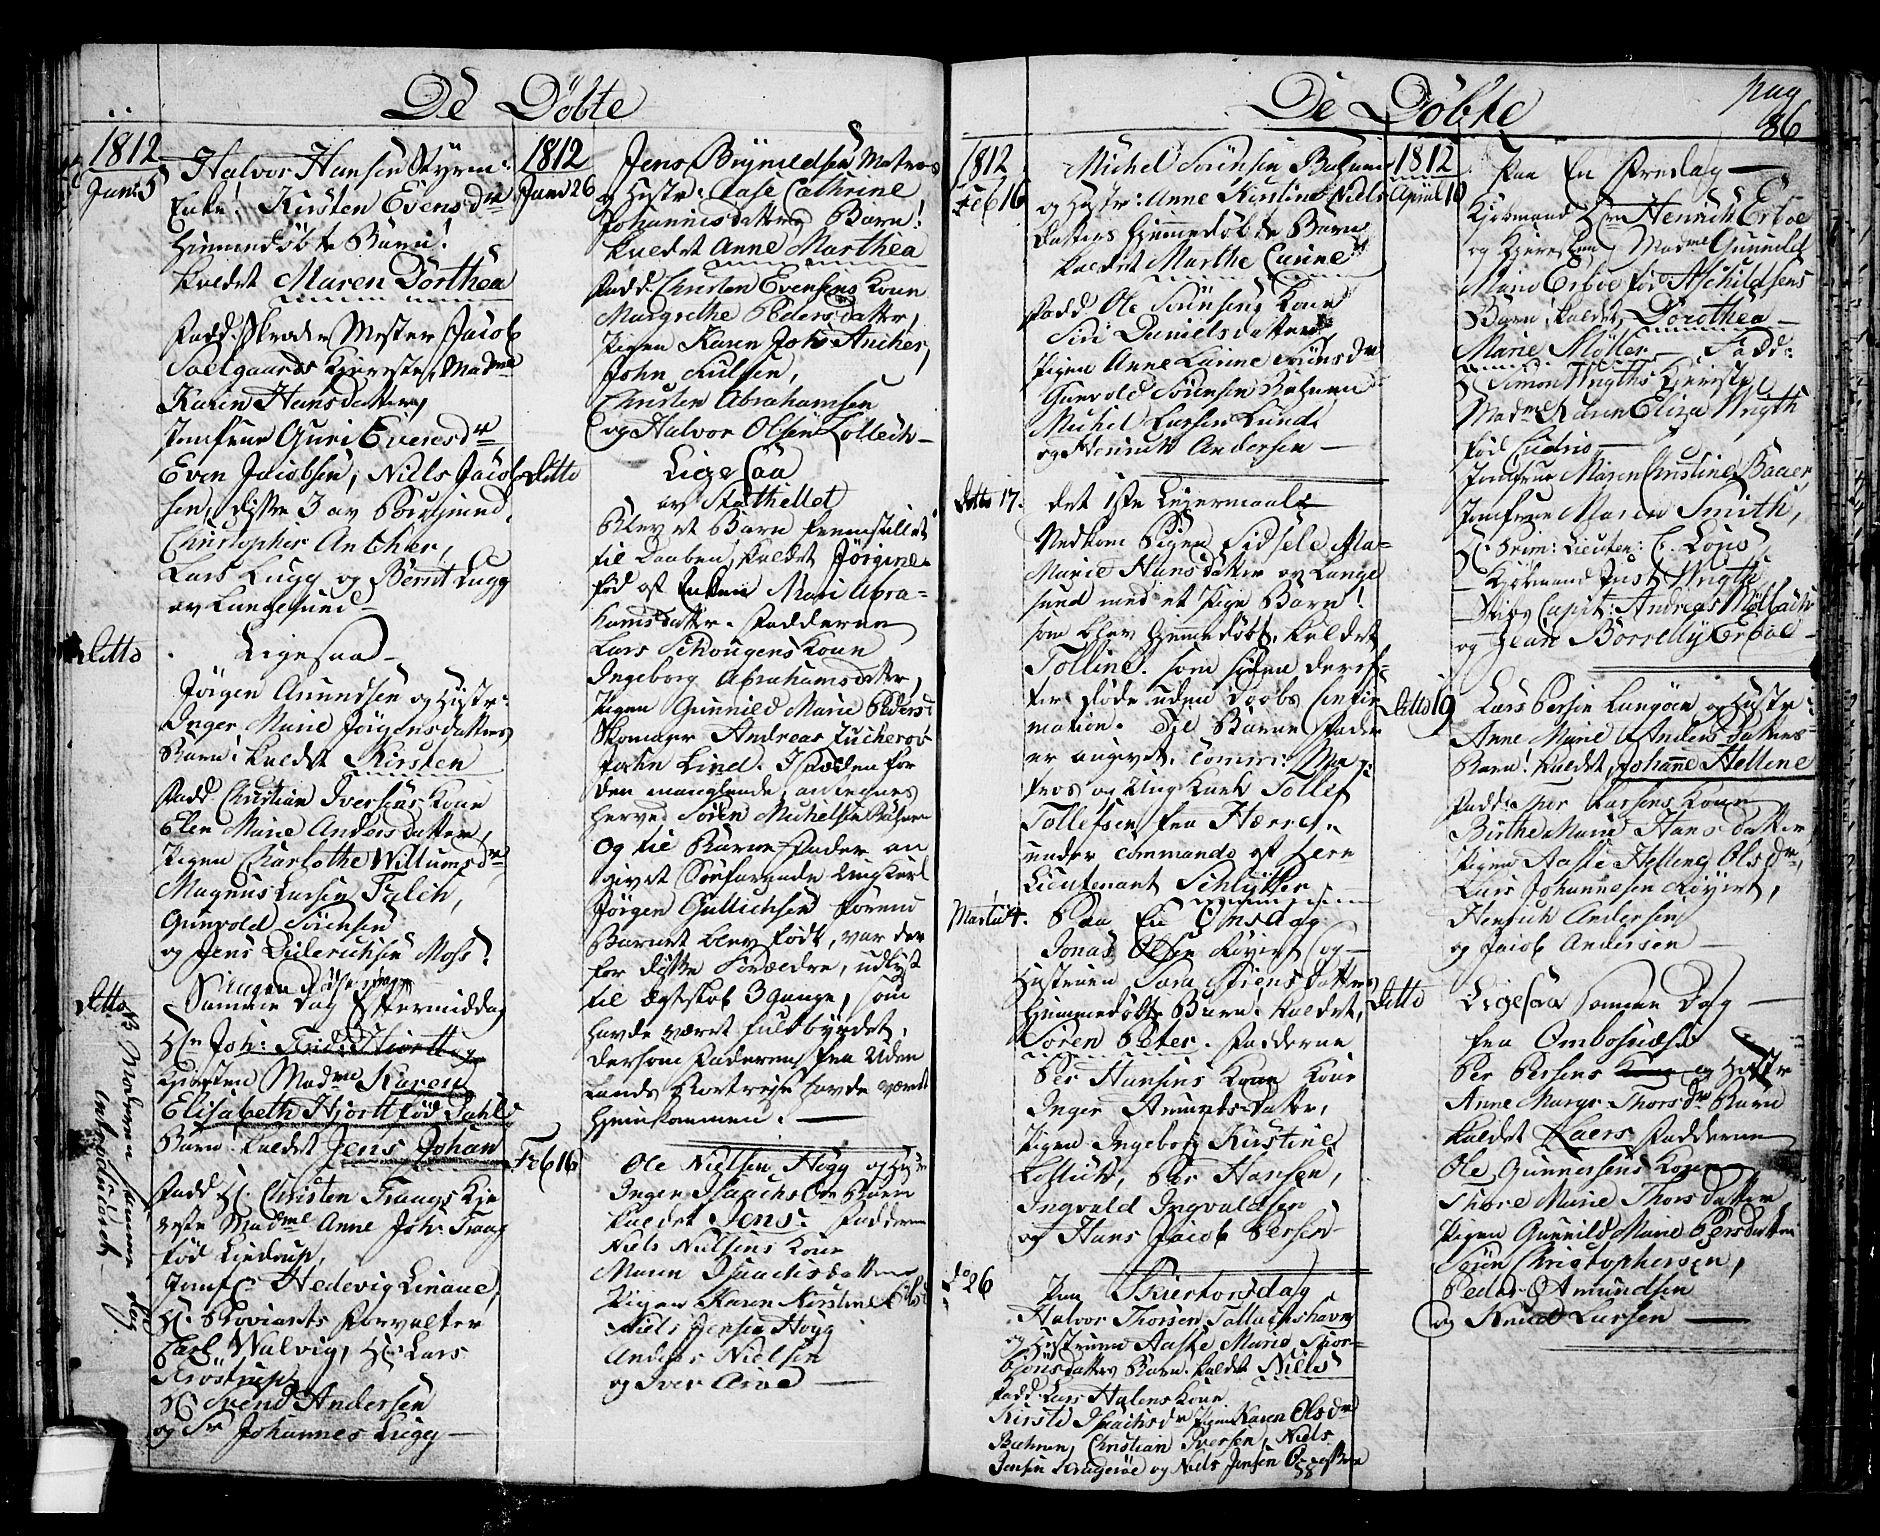 SAKO, Langesund kirkebøker, G/Ga/L0002: Klokkerbok nr. 2, 1801-1815, s. 86